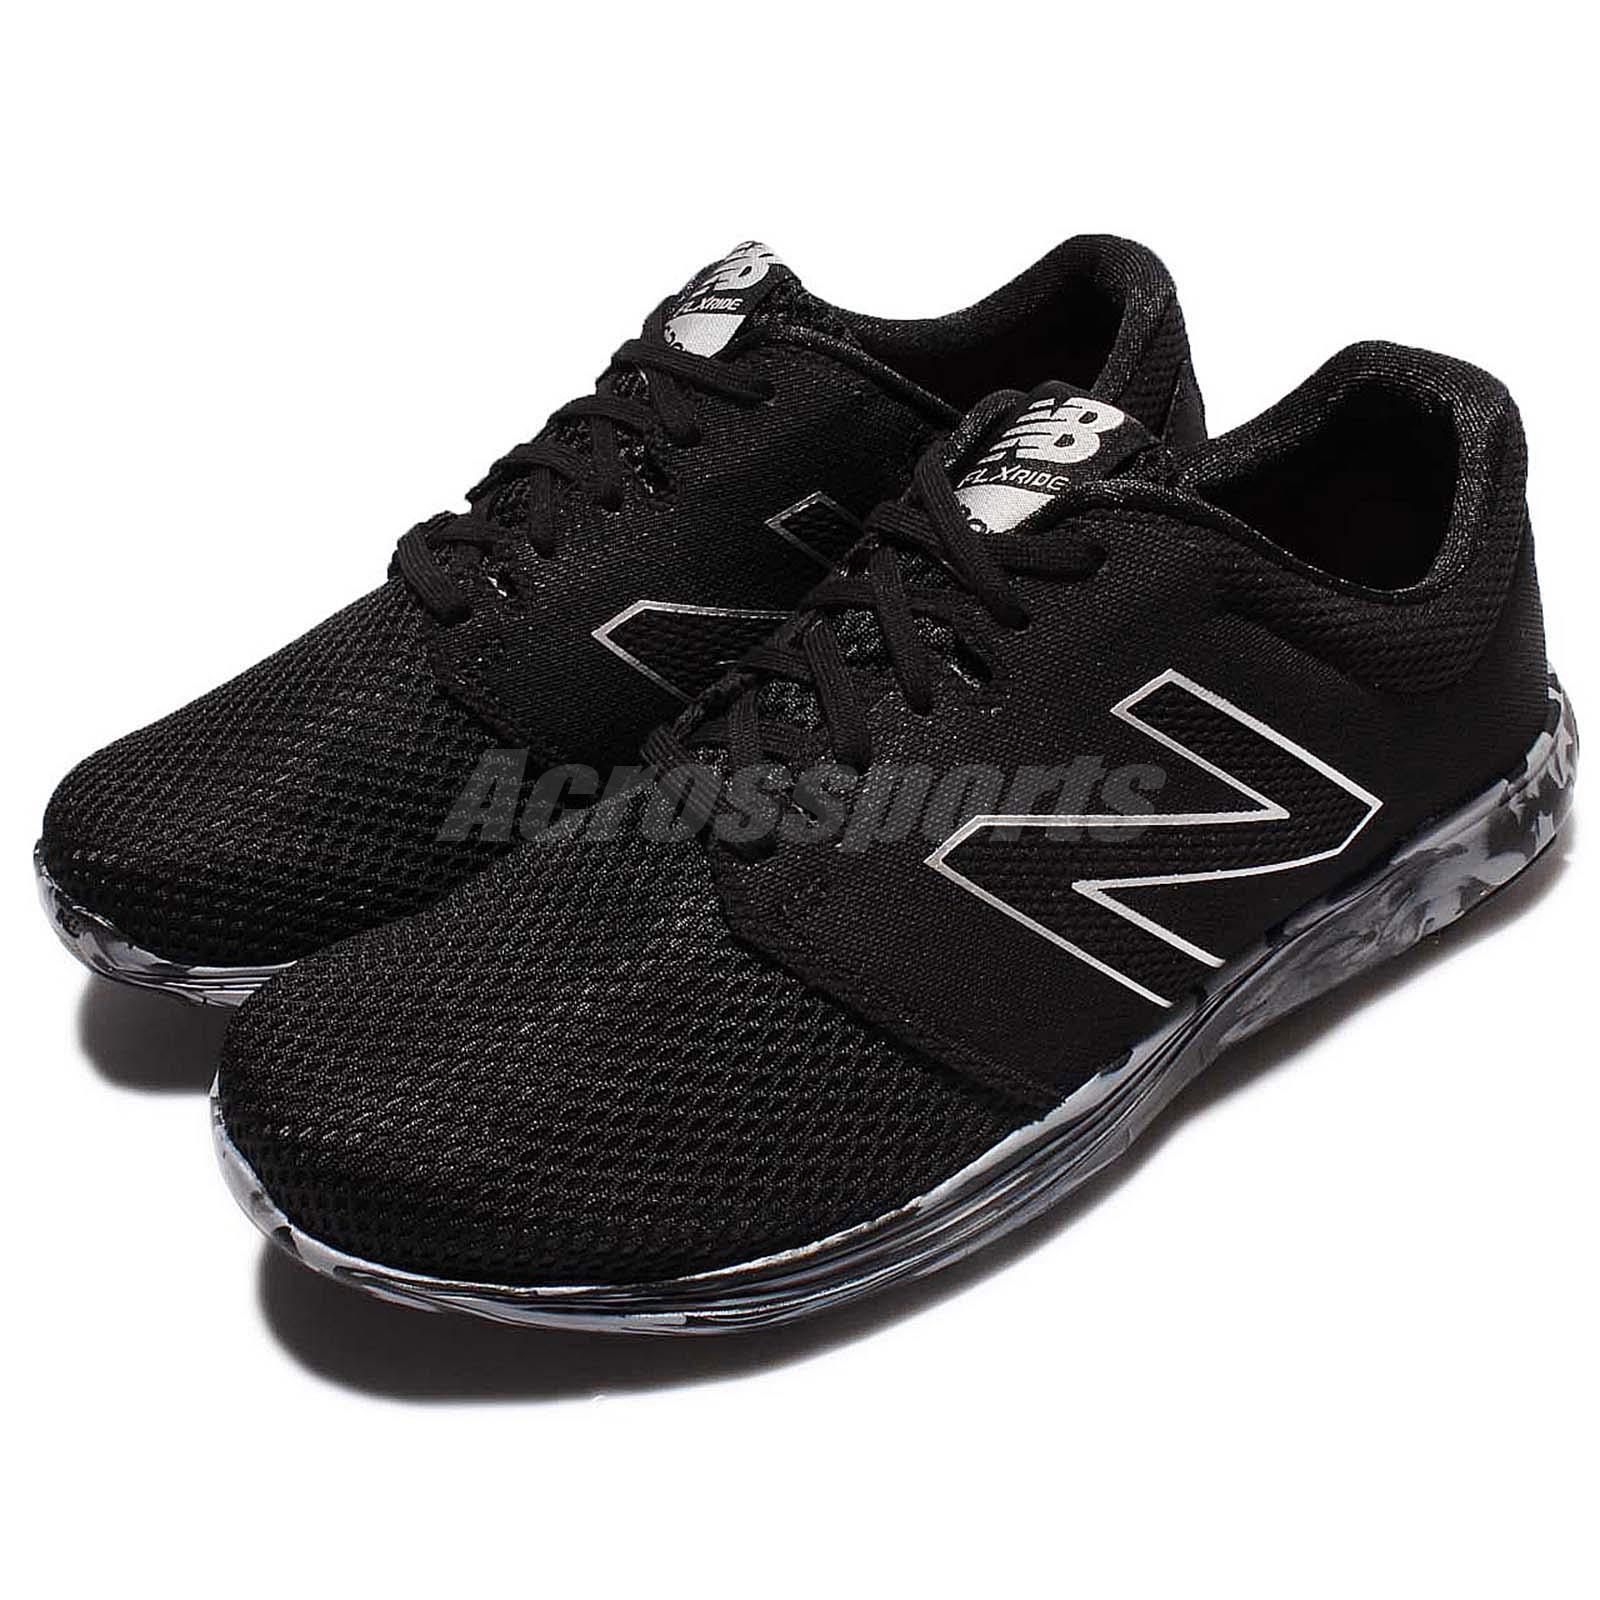 New Balance M530RK2 2E Wide Noir Hommes Gris Camo Hommes Noir Running Chaussures M530RK22E ad6298